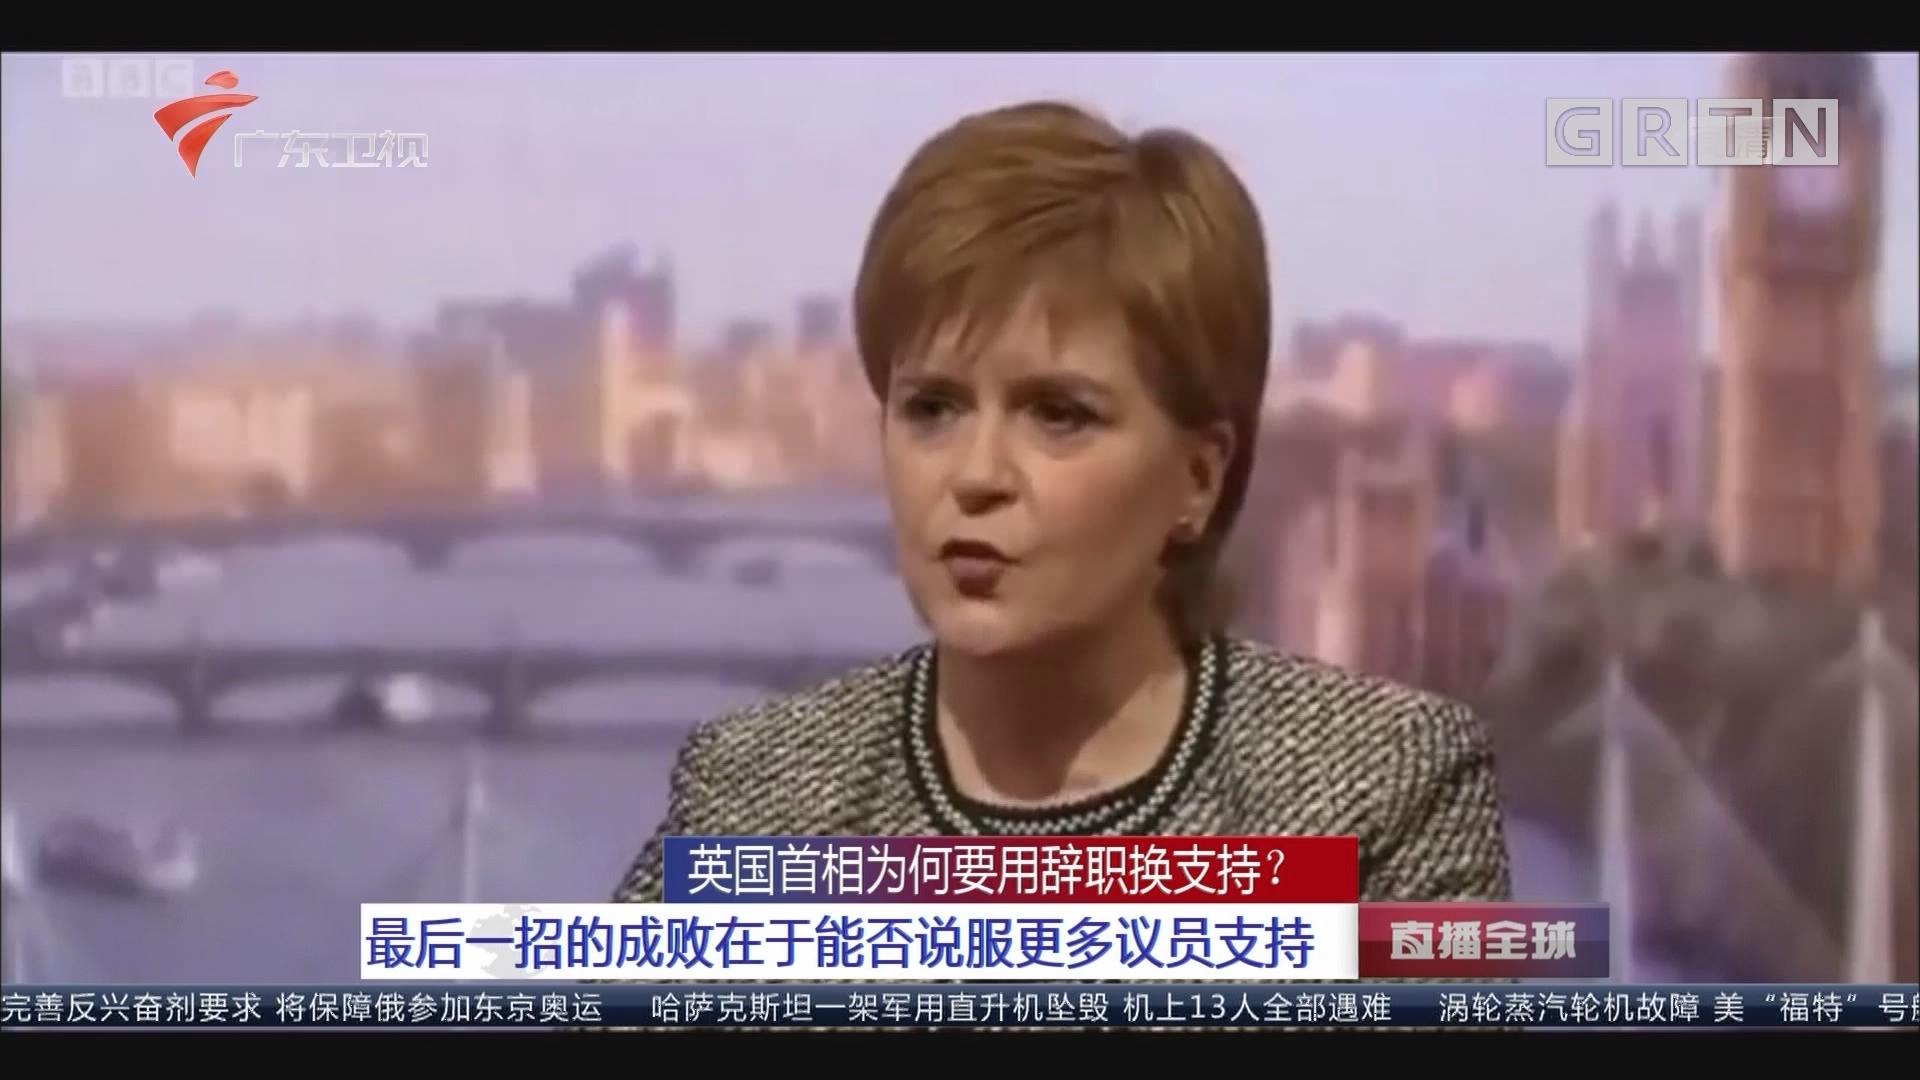 """英首相为何要用辞职换支持? 换取保守党强硬派对""""脱欧""""协议的支持"""